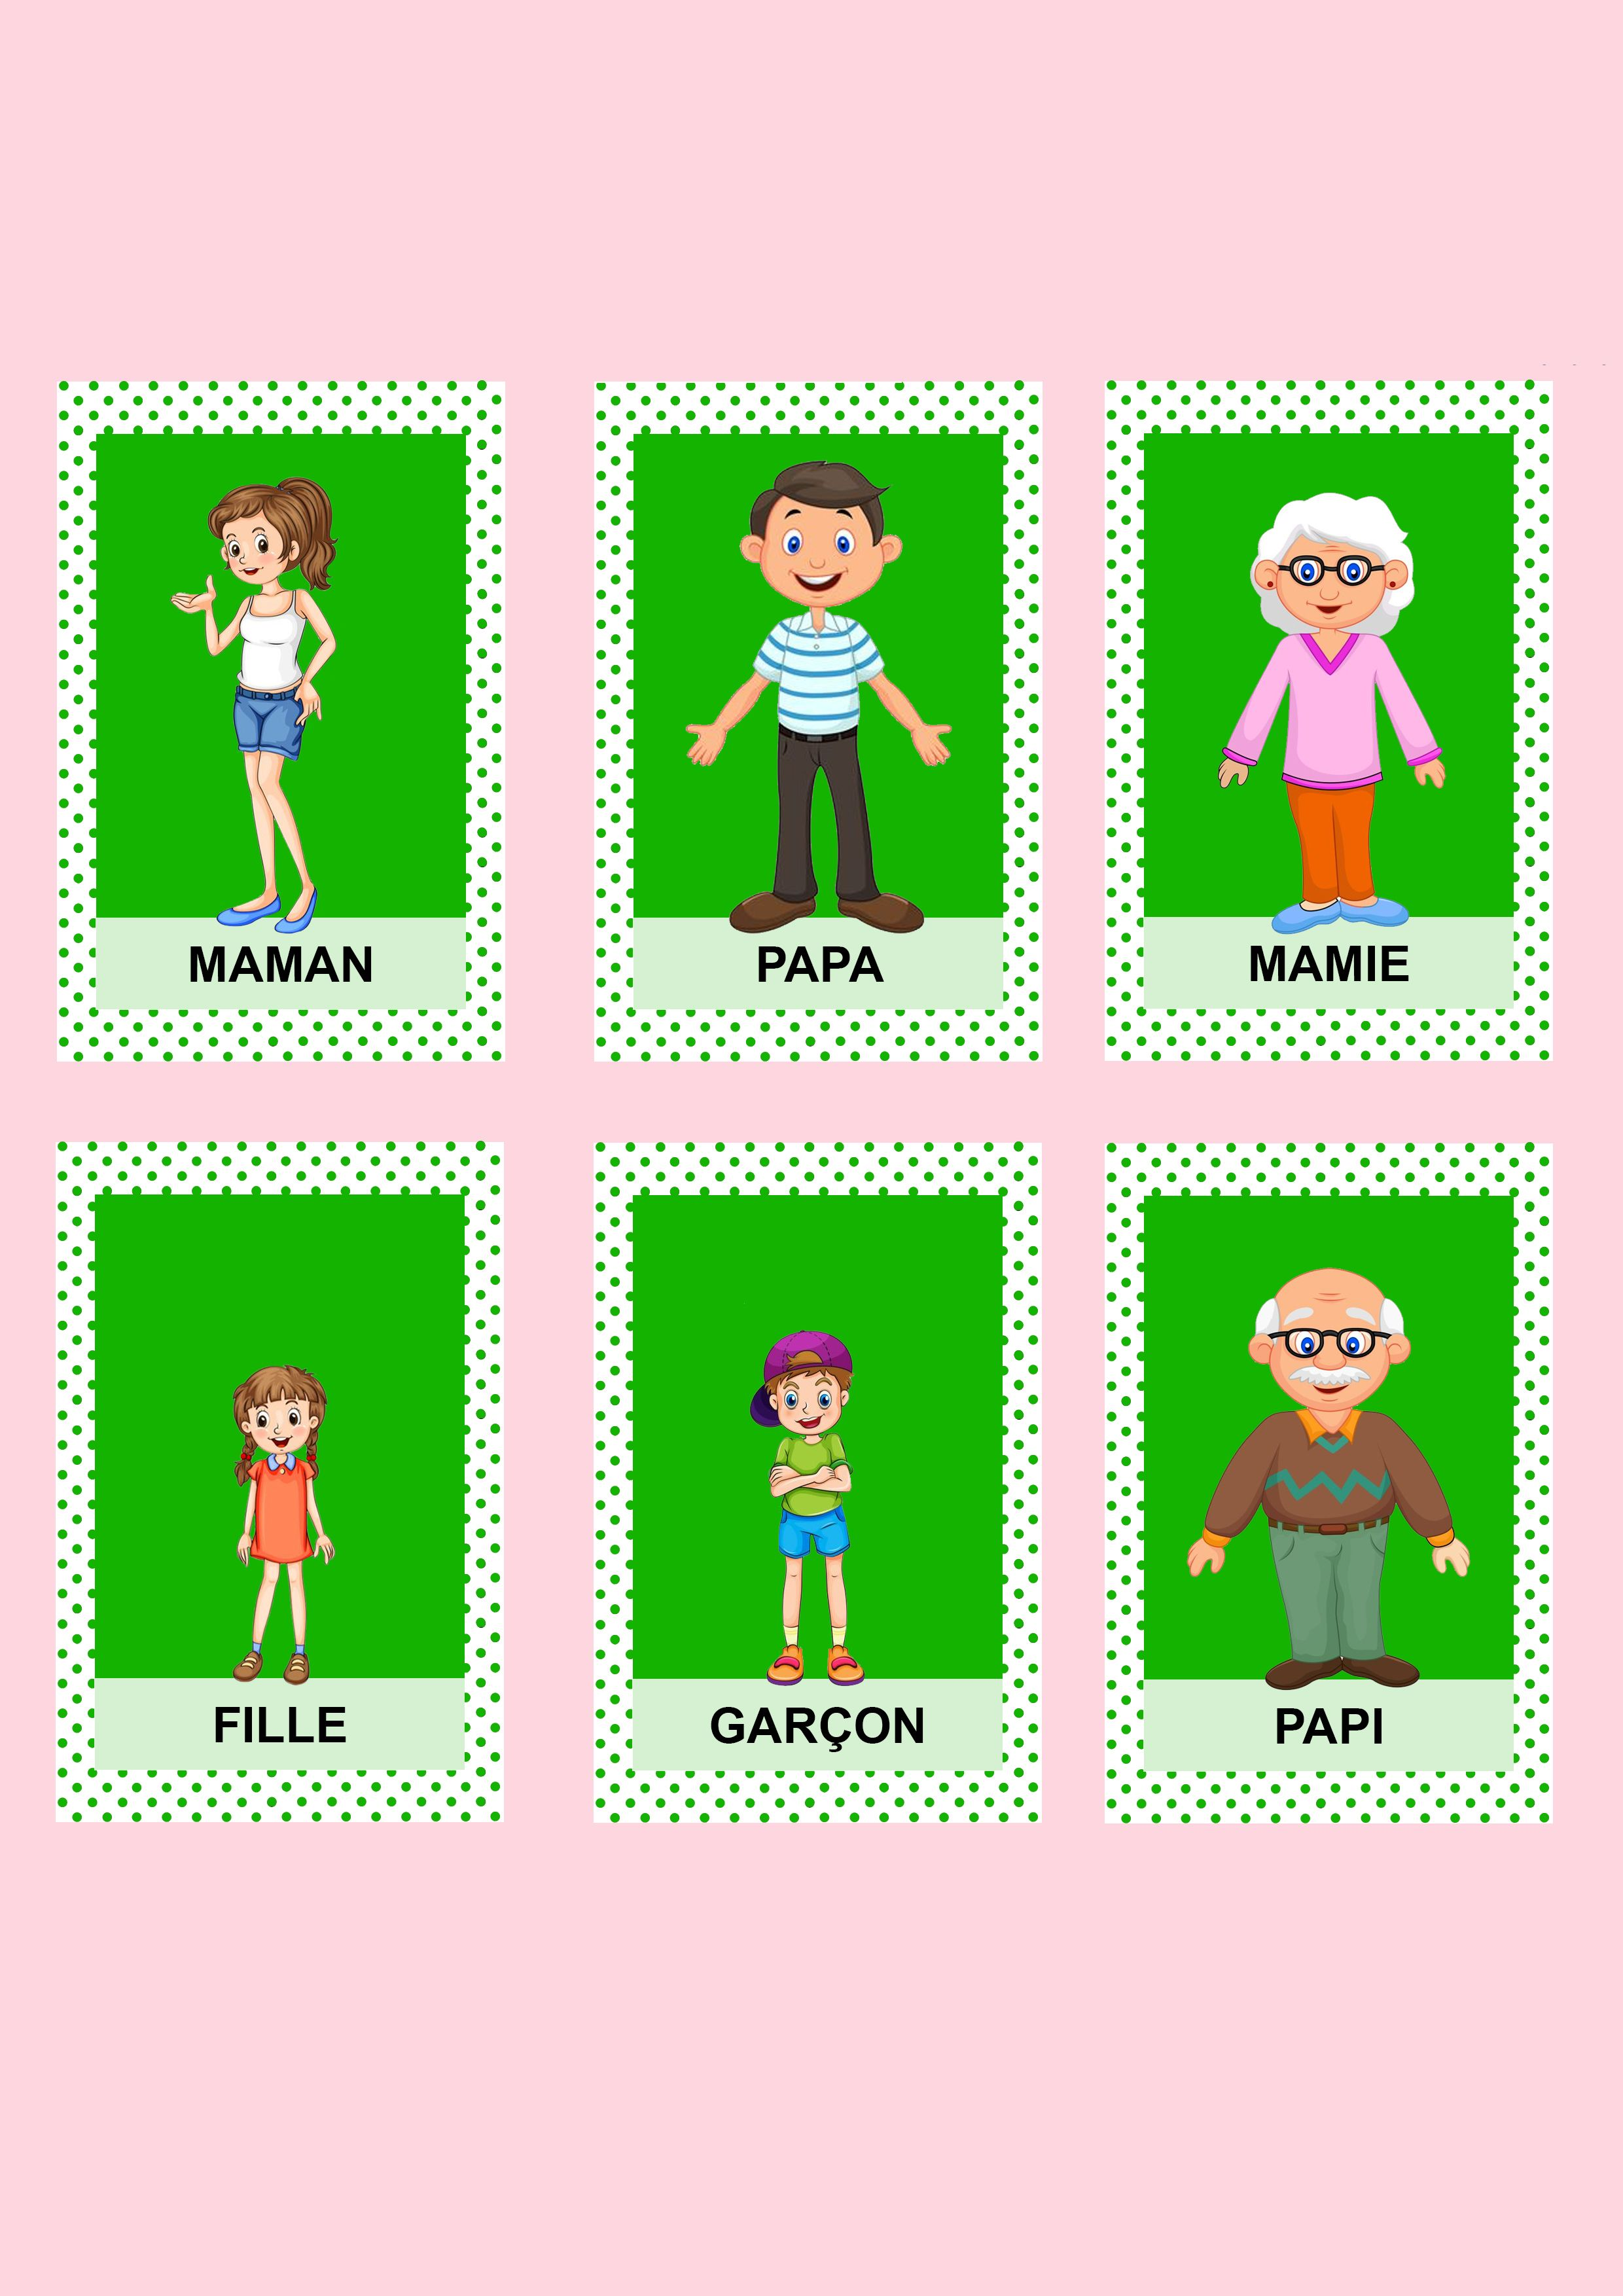 Jeu De 7 Familles Les Activites De Maman Jeux De Societe Enfant Jeux Des 7 Familles Jeux A Imprimer